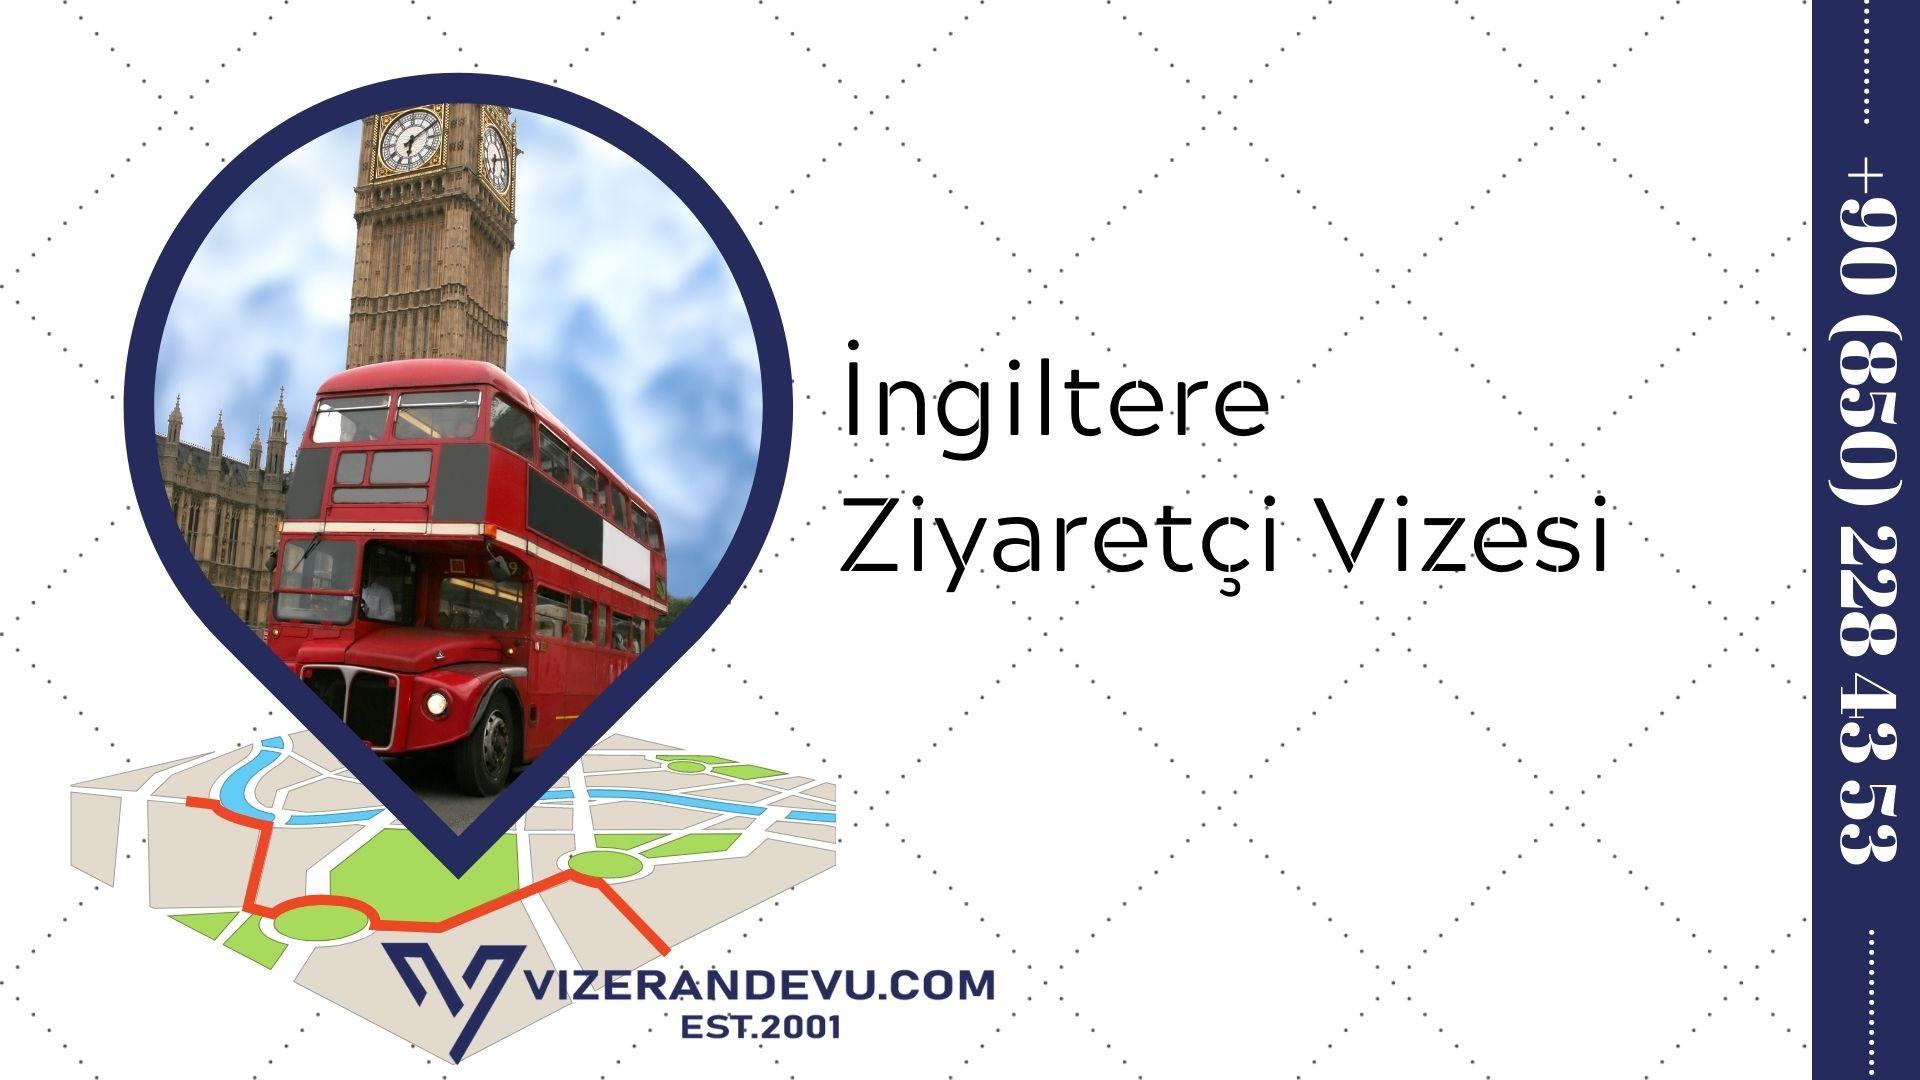 İngiltere Ziyaretçi Vizesi